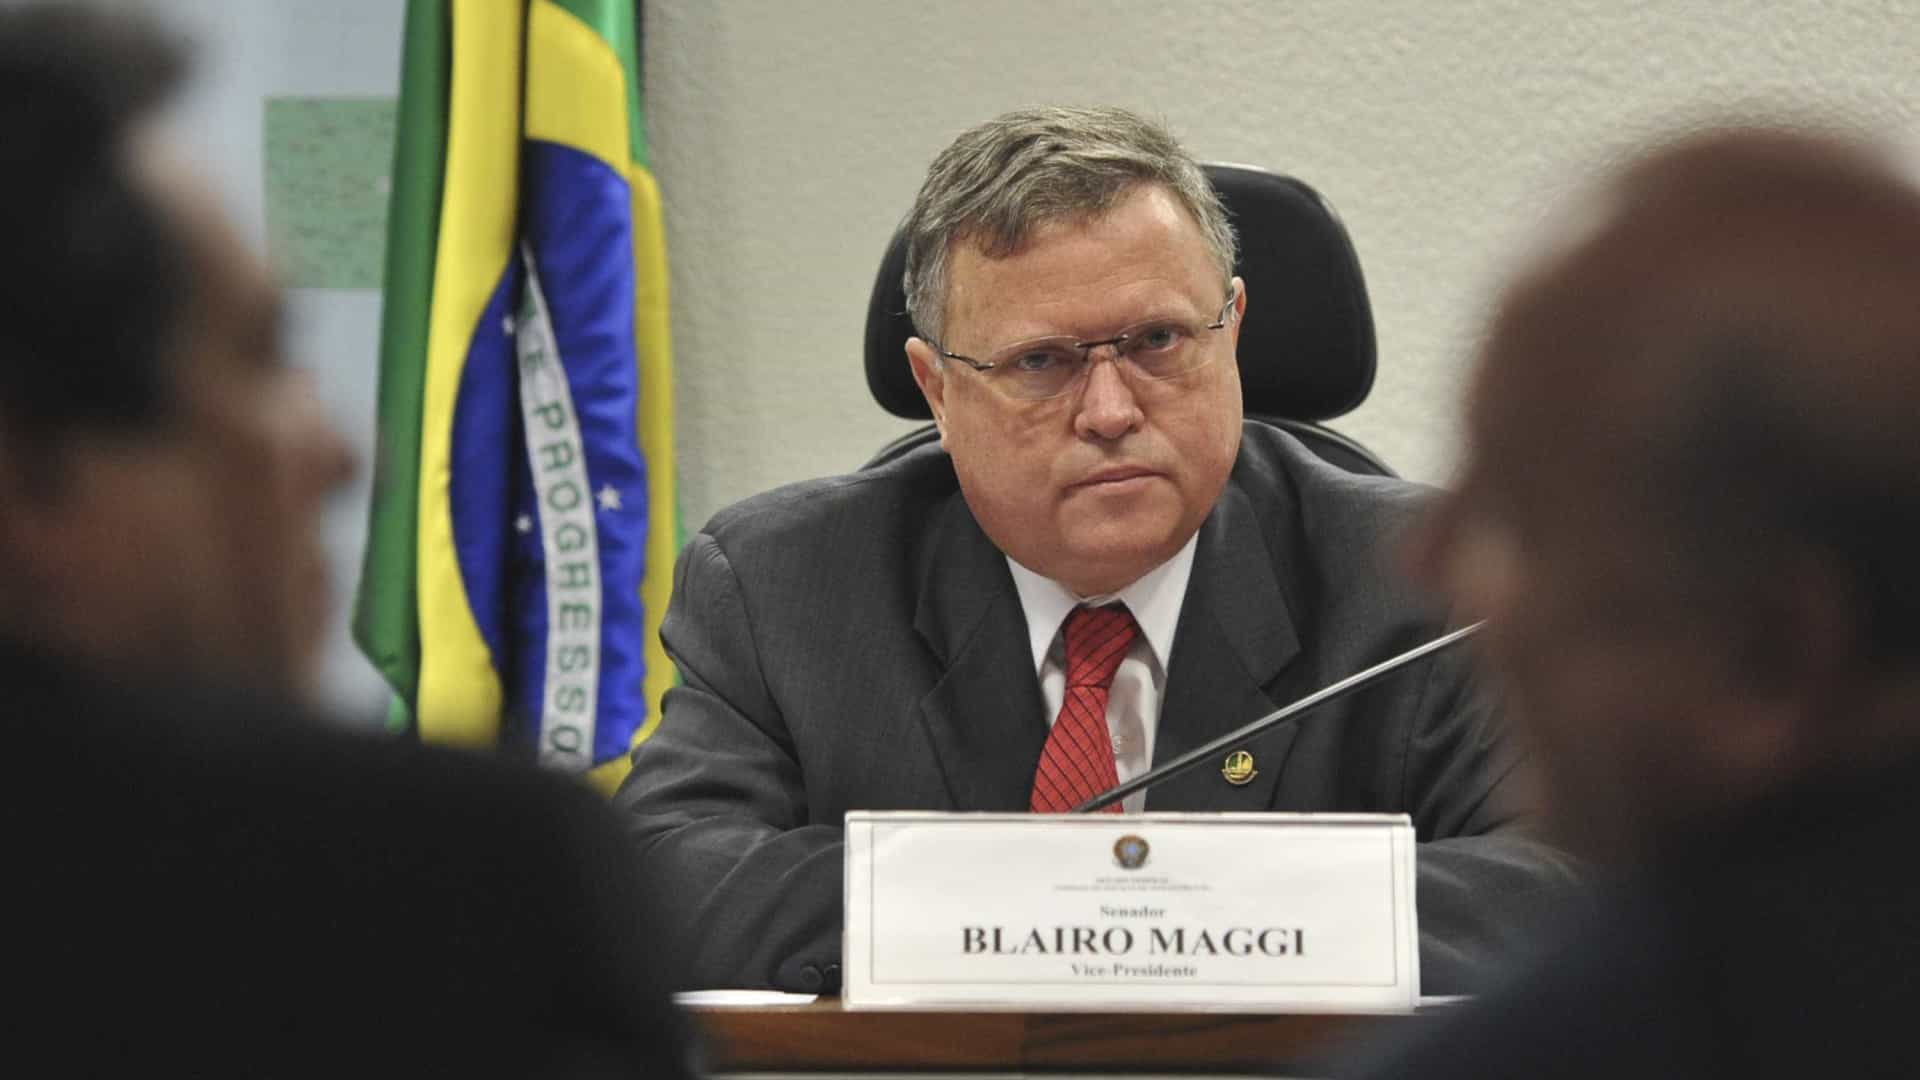 Maggi: Brasil vai à OMC contra restrição da UE à importação de frango